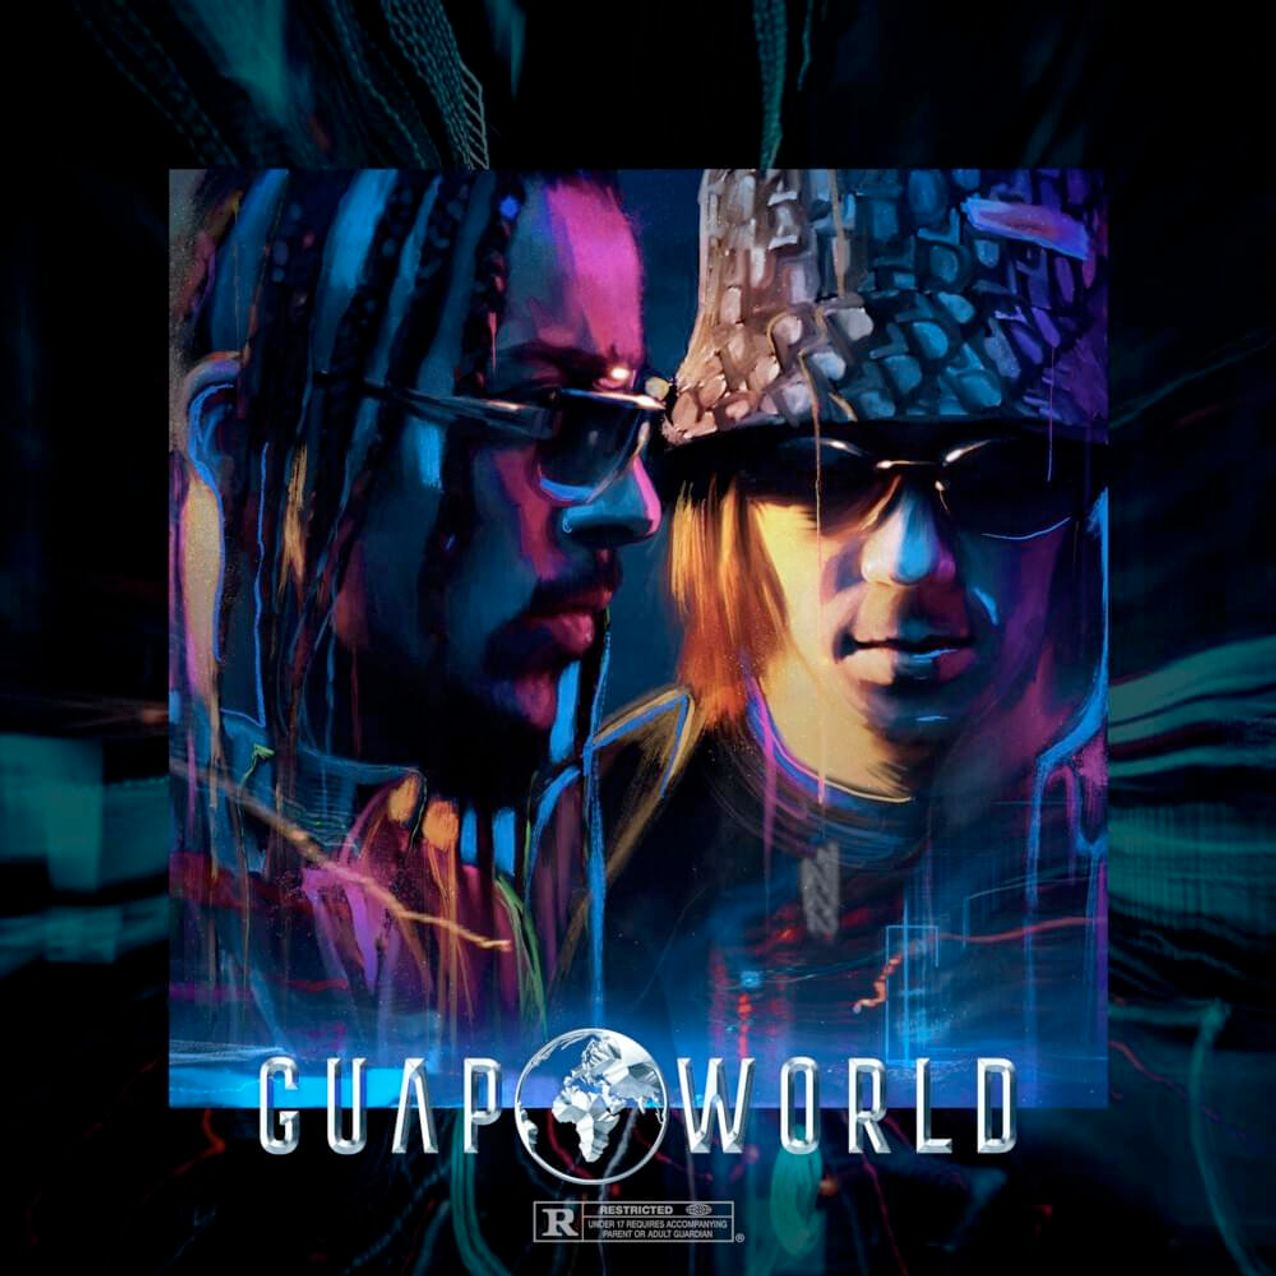 AprèsThank You GodetStreet Quality, F430 nous dévoile leur troisième opus,Guapo World. Parlons de l'album de Jet et Sensei.